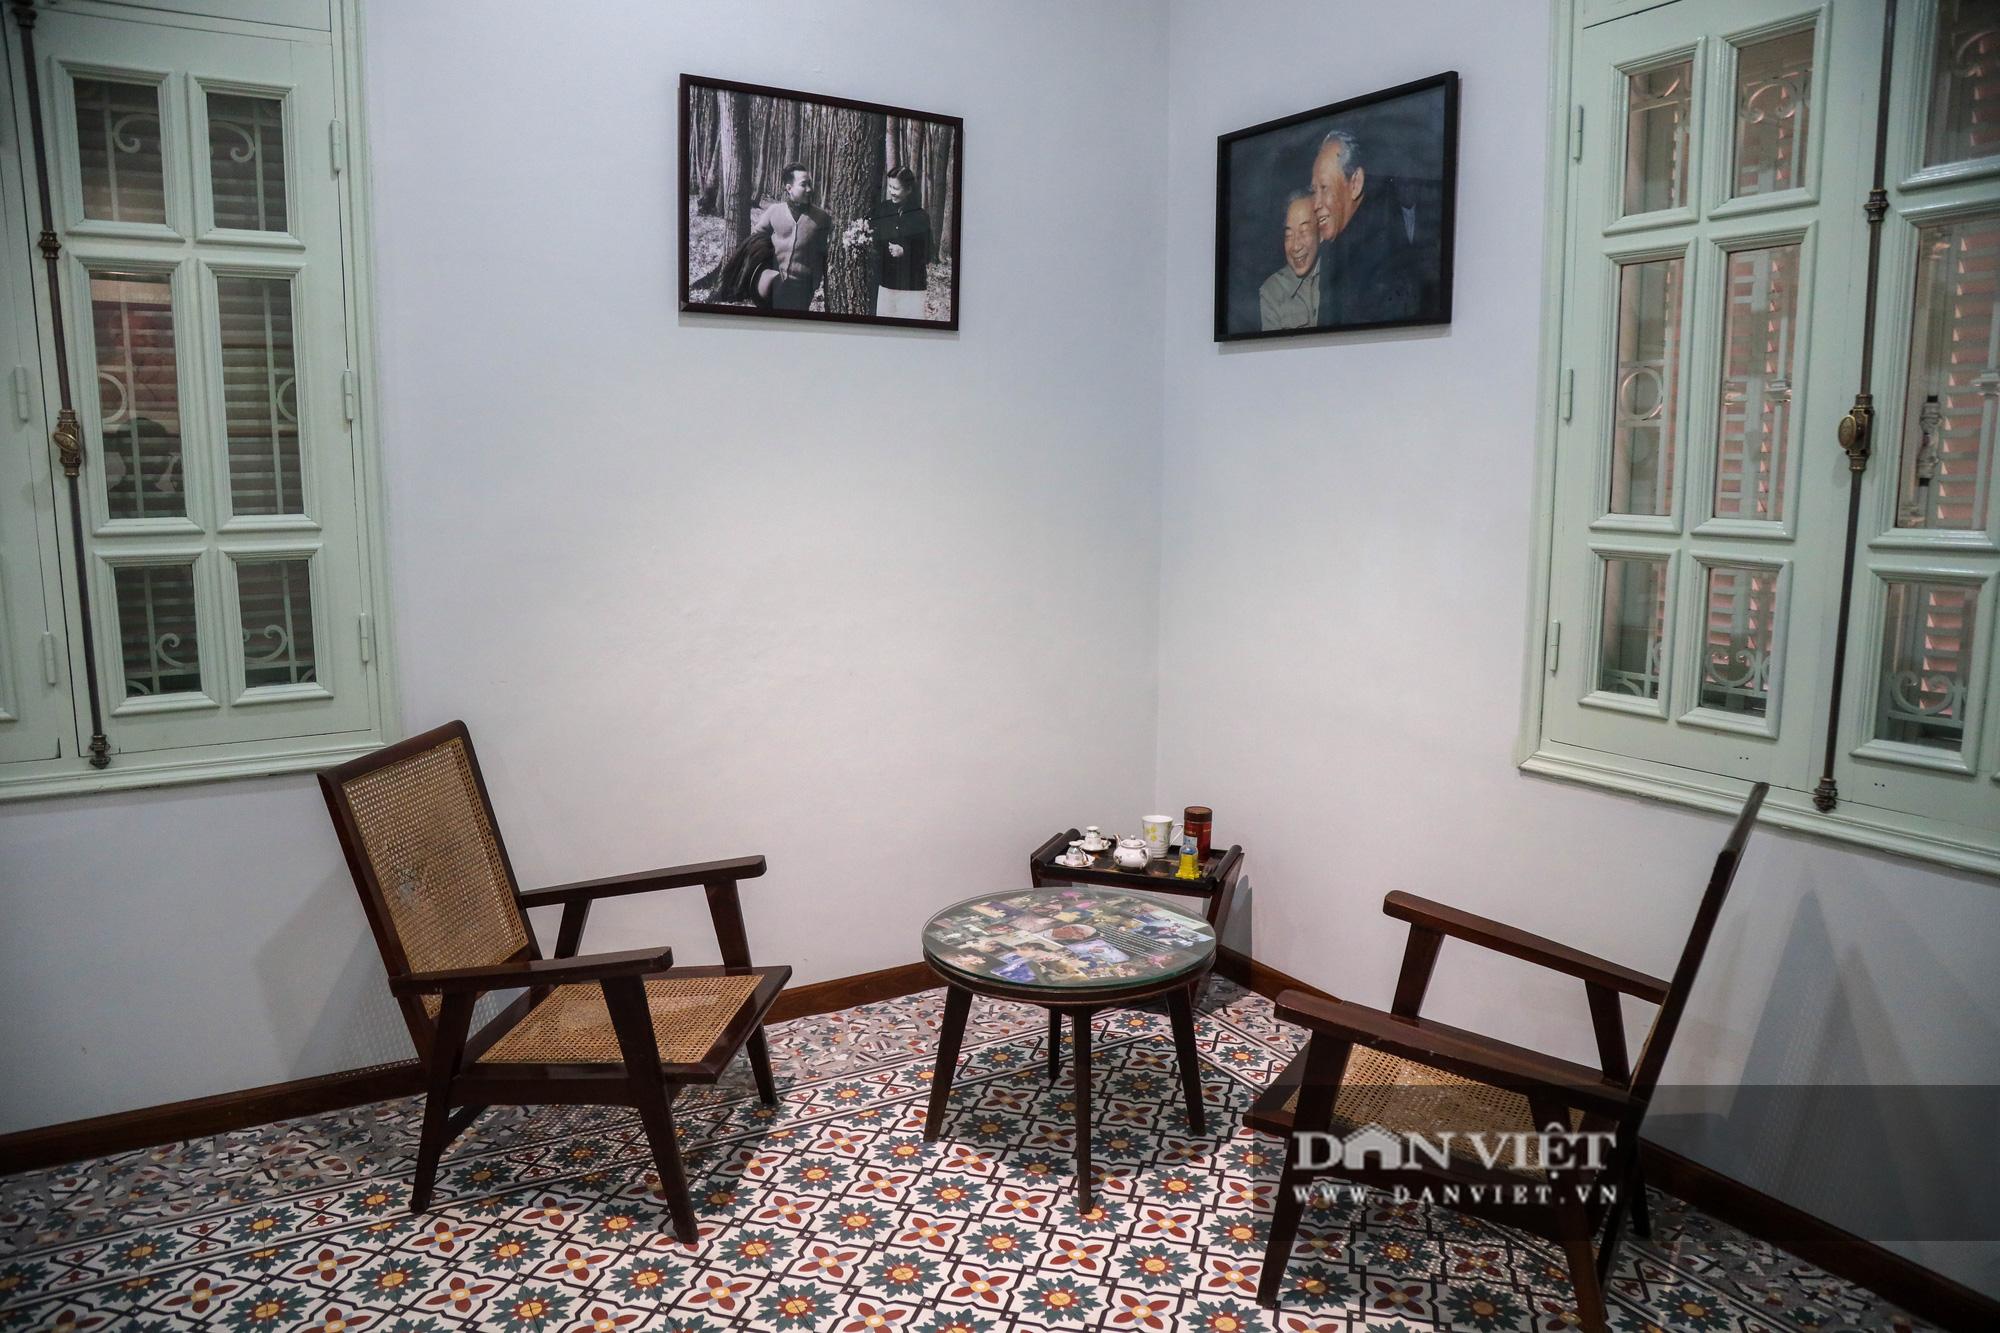 """Chiêm ngưỡng """"bảo tàng thơ"""" Tố Hữu mới xuất hiện tại Hà Nội - Ảnh 12."""